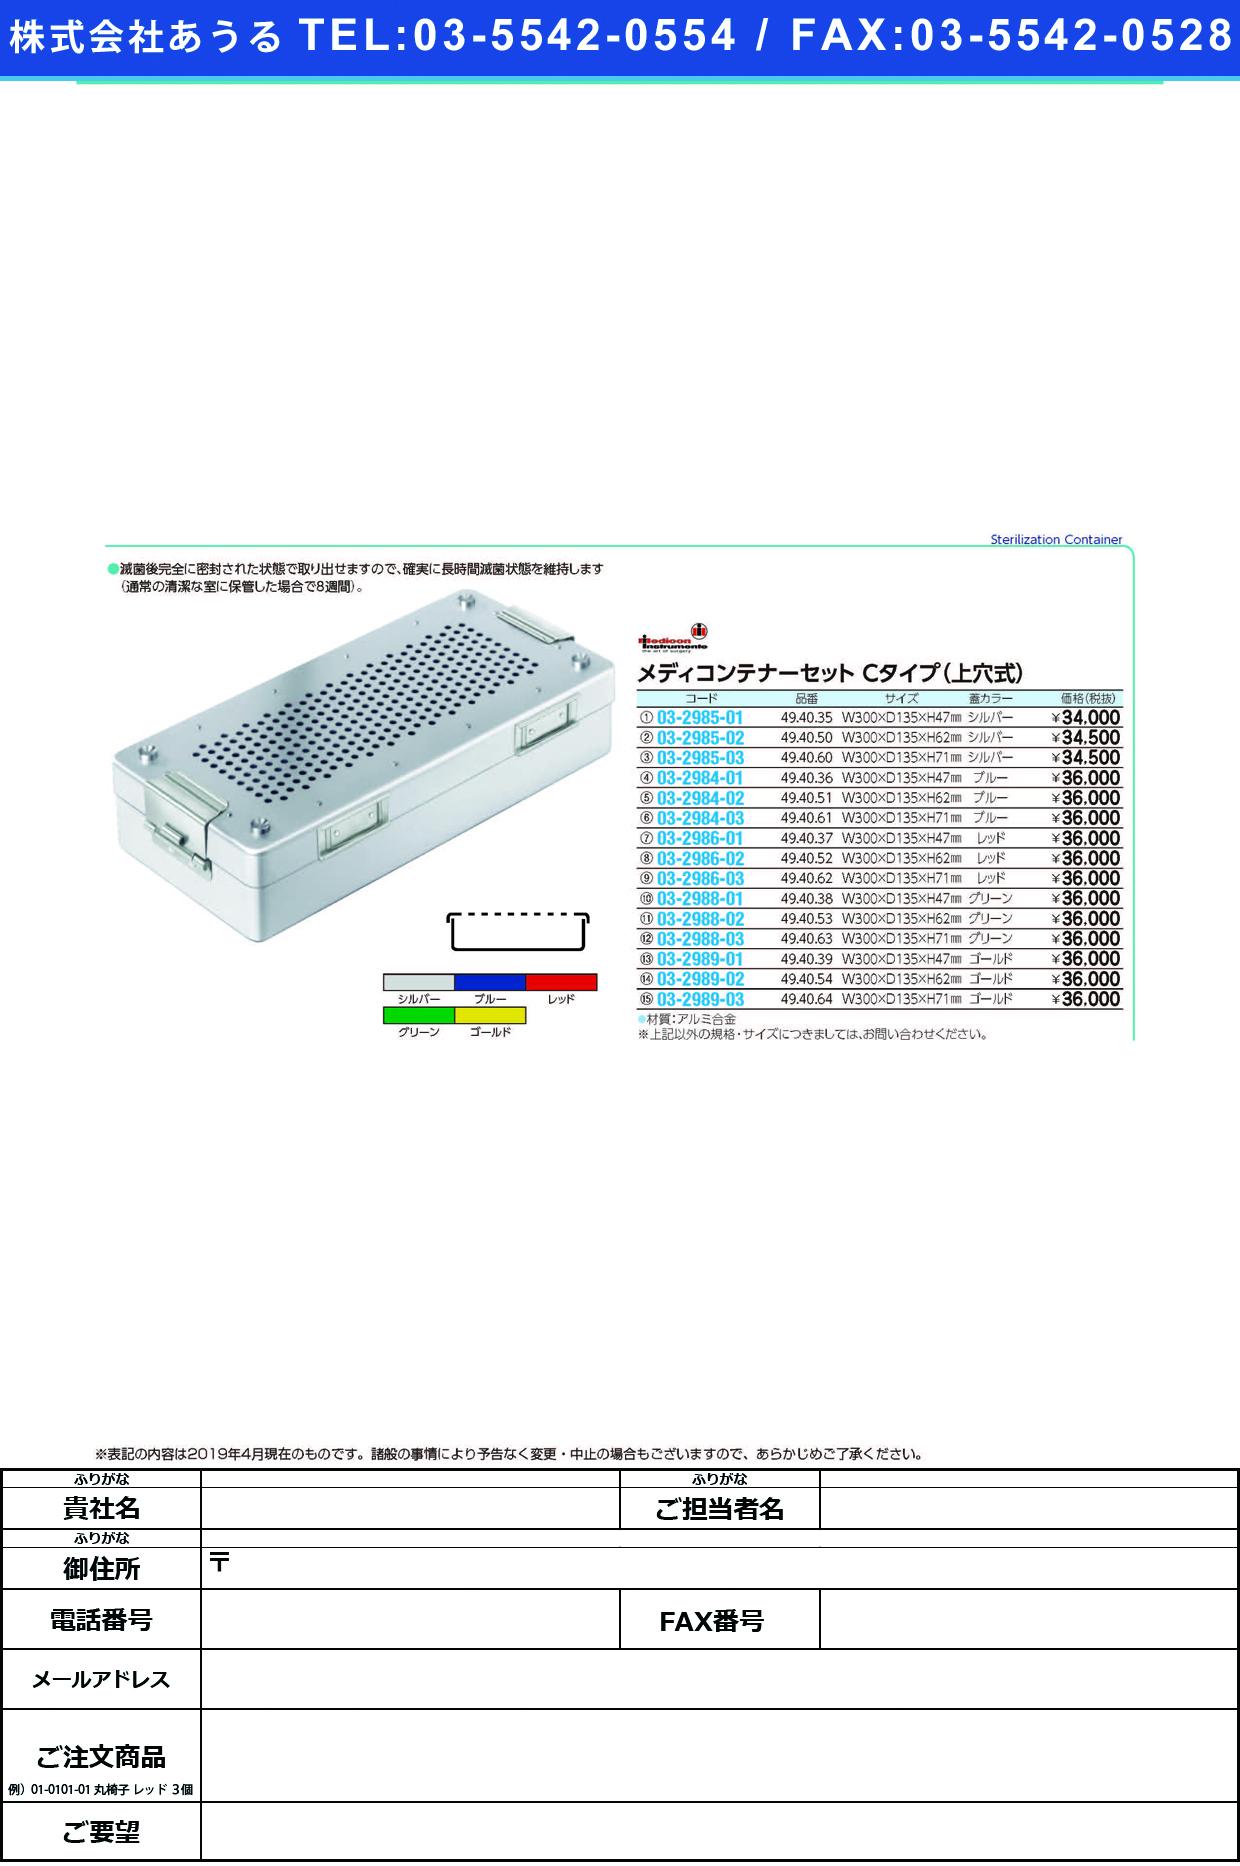 メディコンテナーセットC(上穴式) 49.40.53(グリーン) メディコンテナーセットC